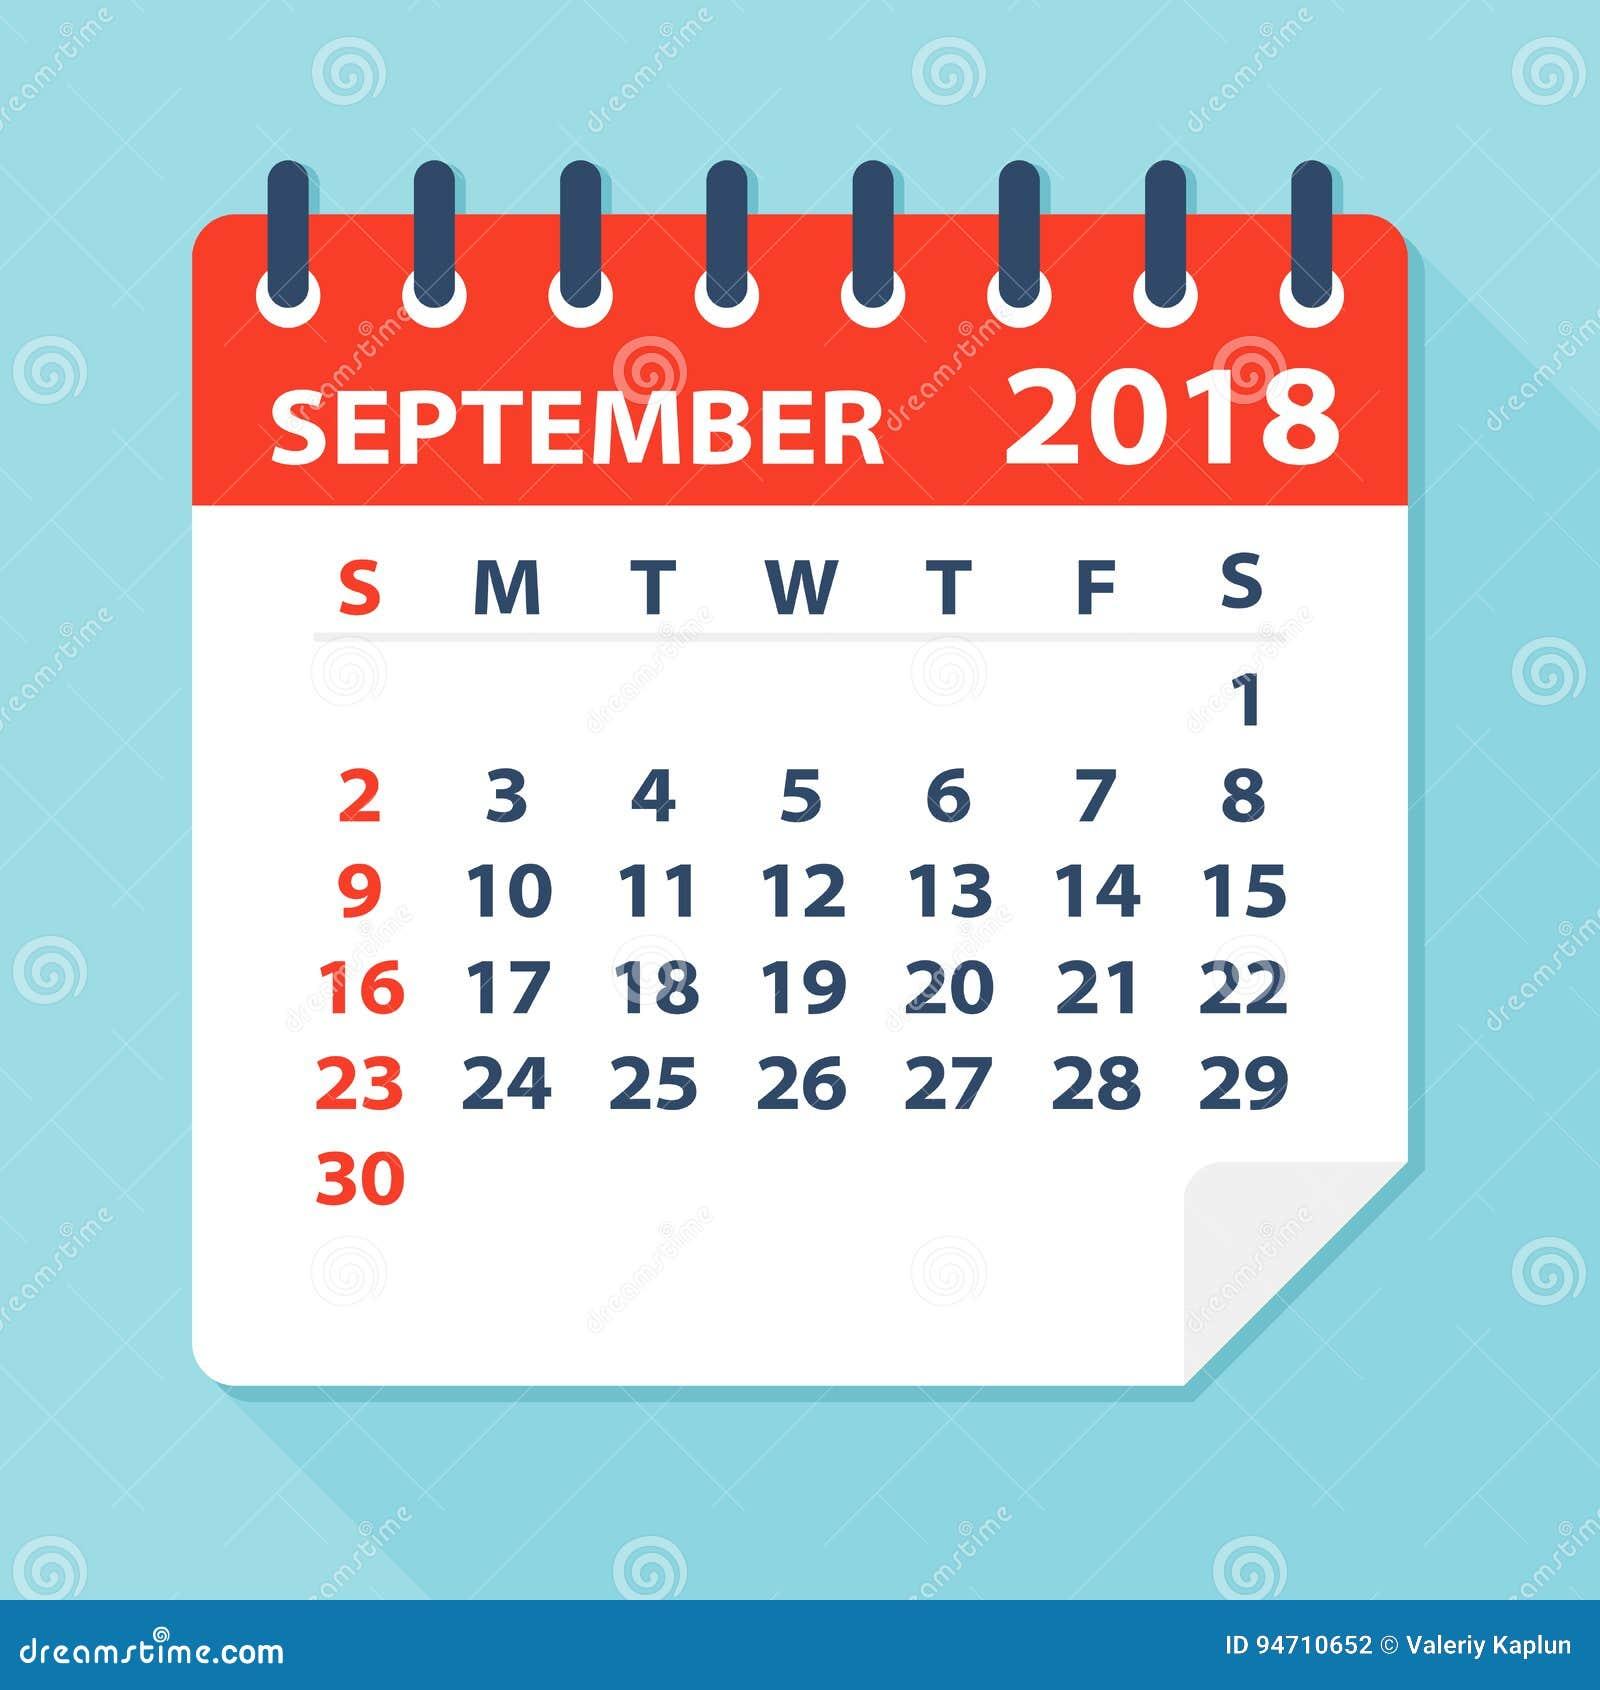 September 2018 Calendar Leaf - Illustration Stock